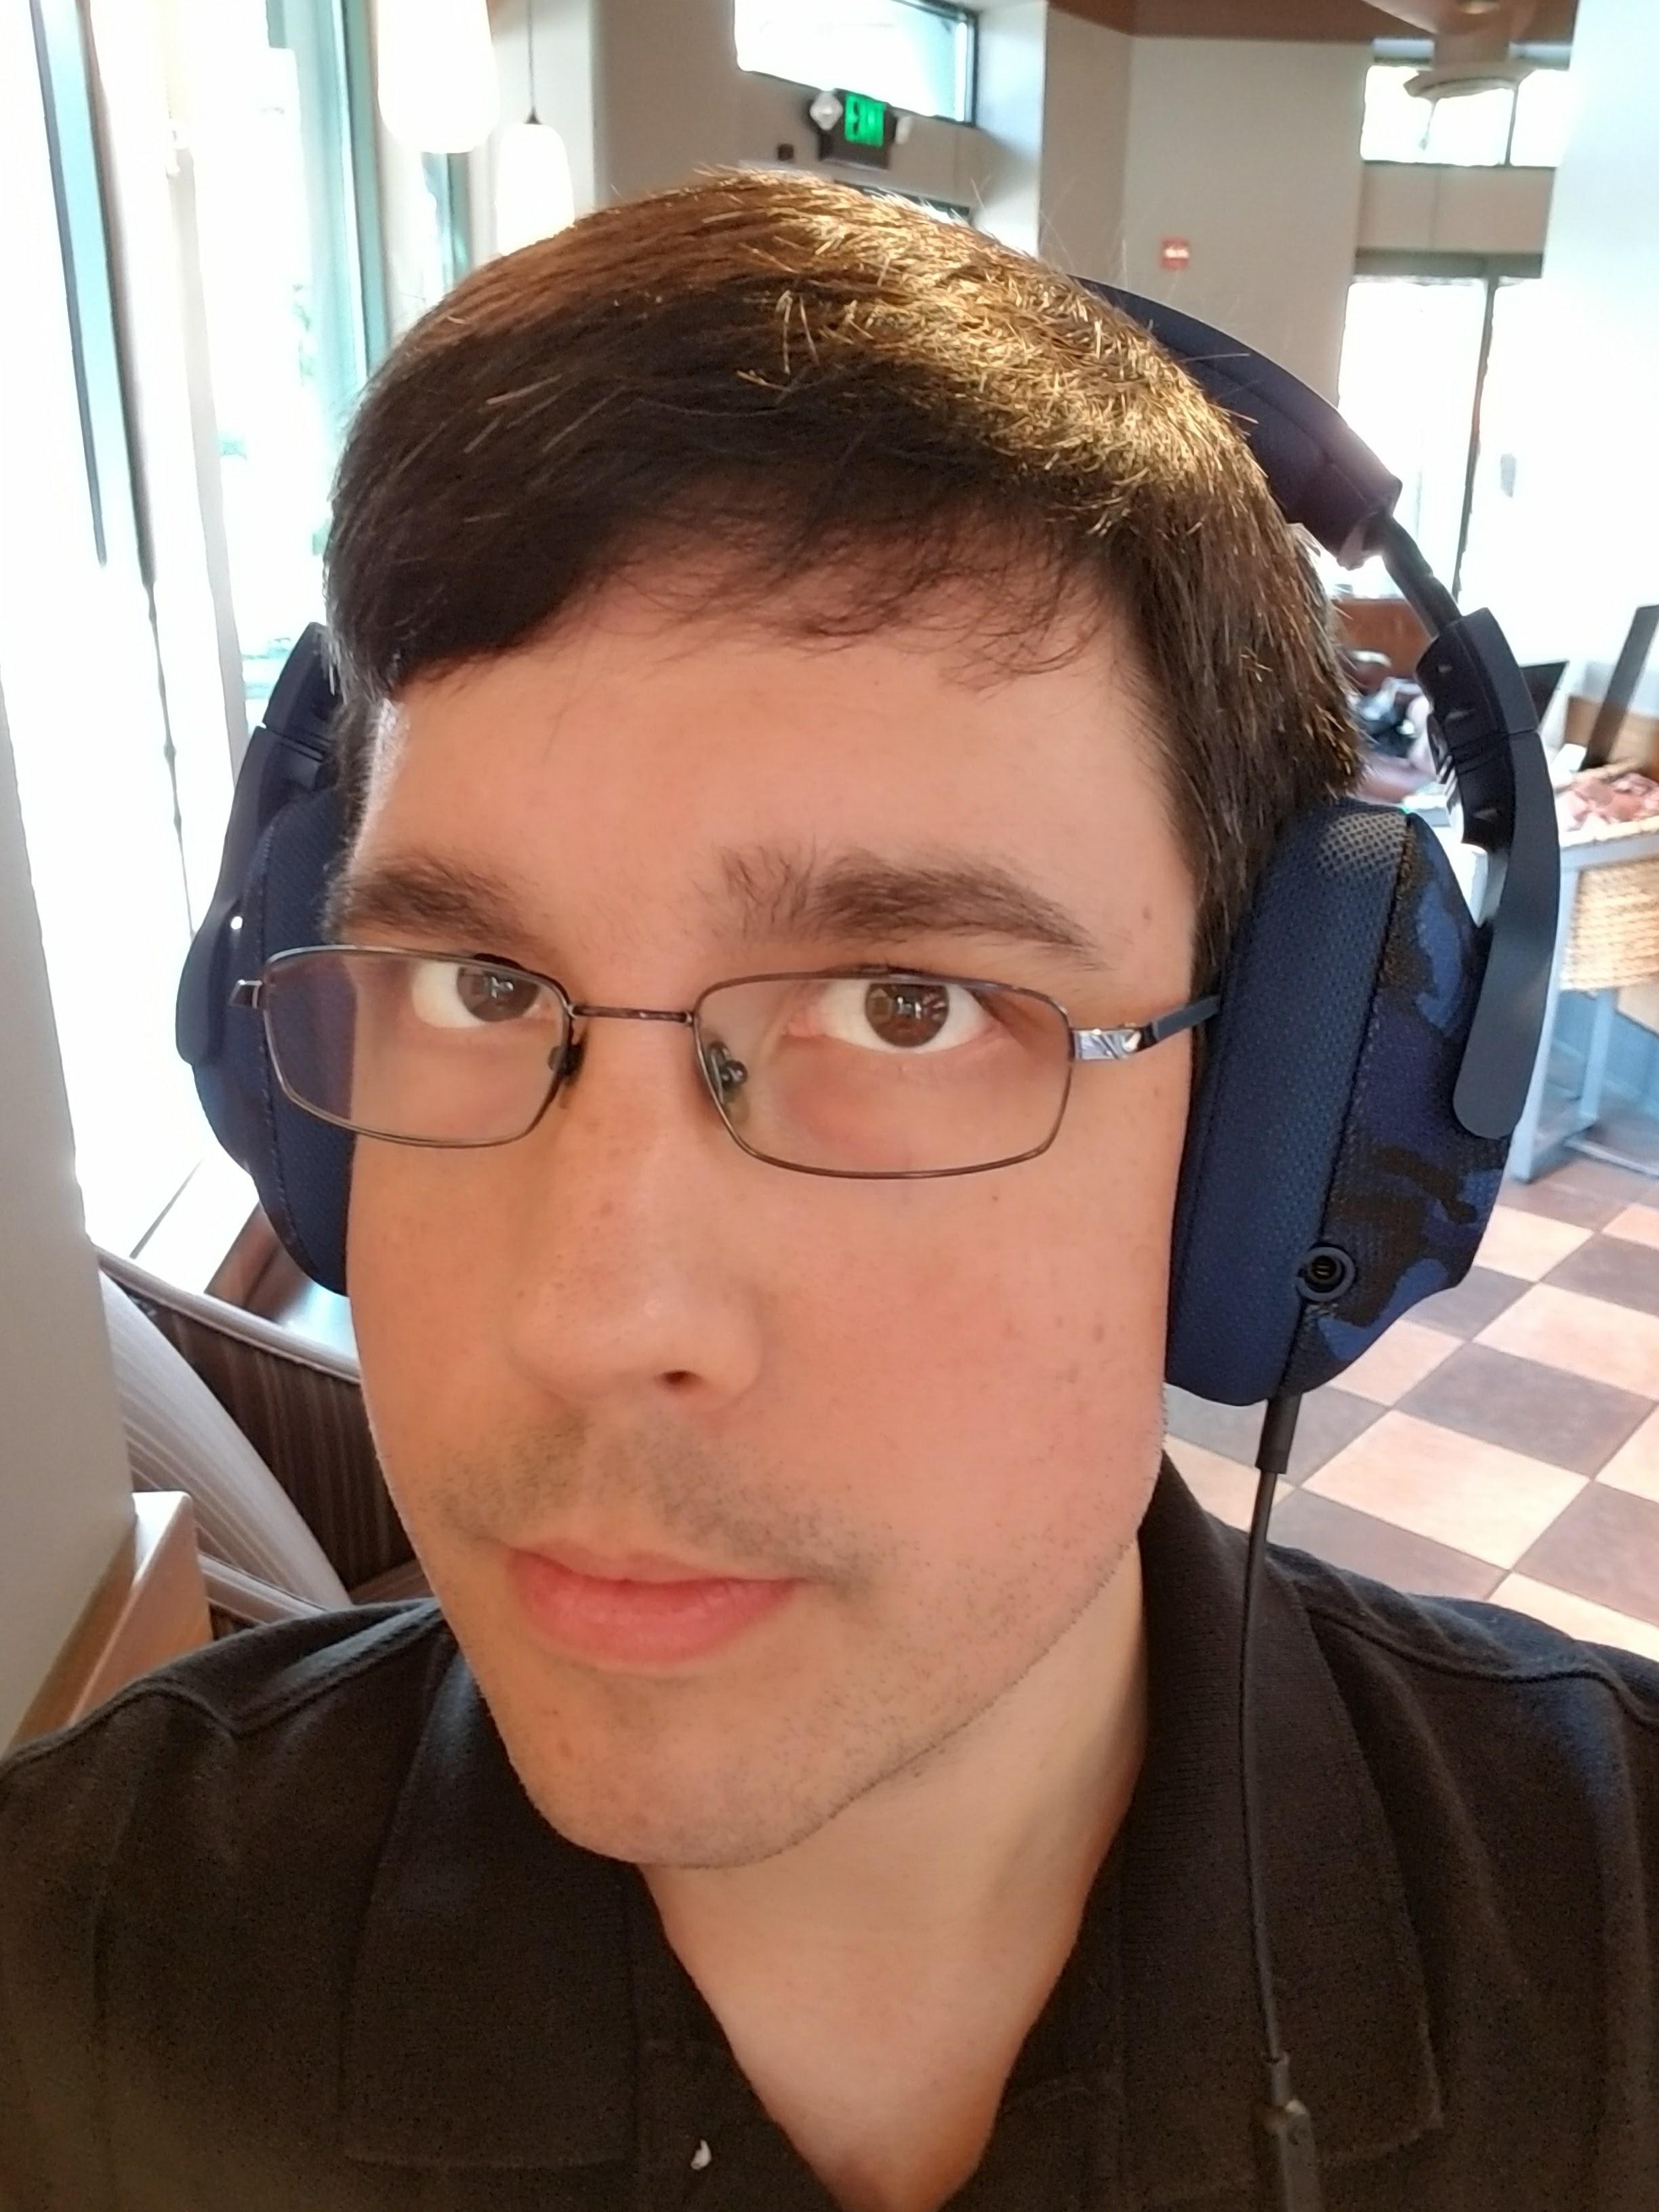 Alex Rowe - Guy Wearing Headphones (TM)